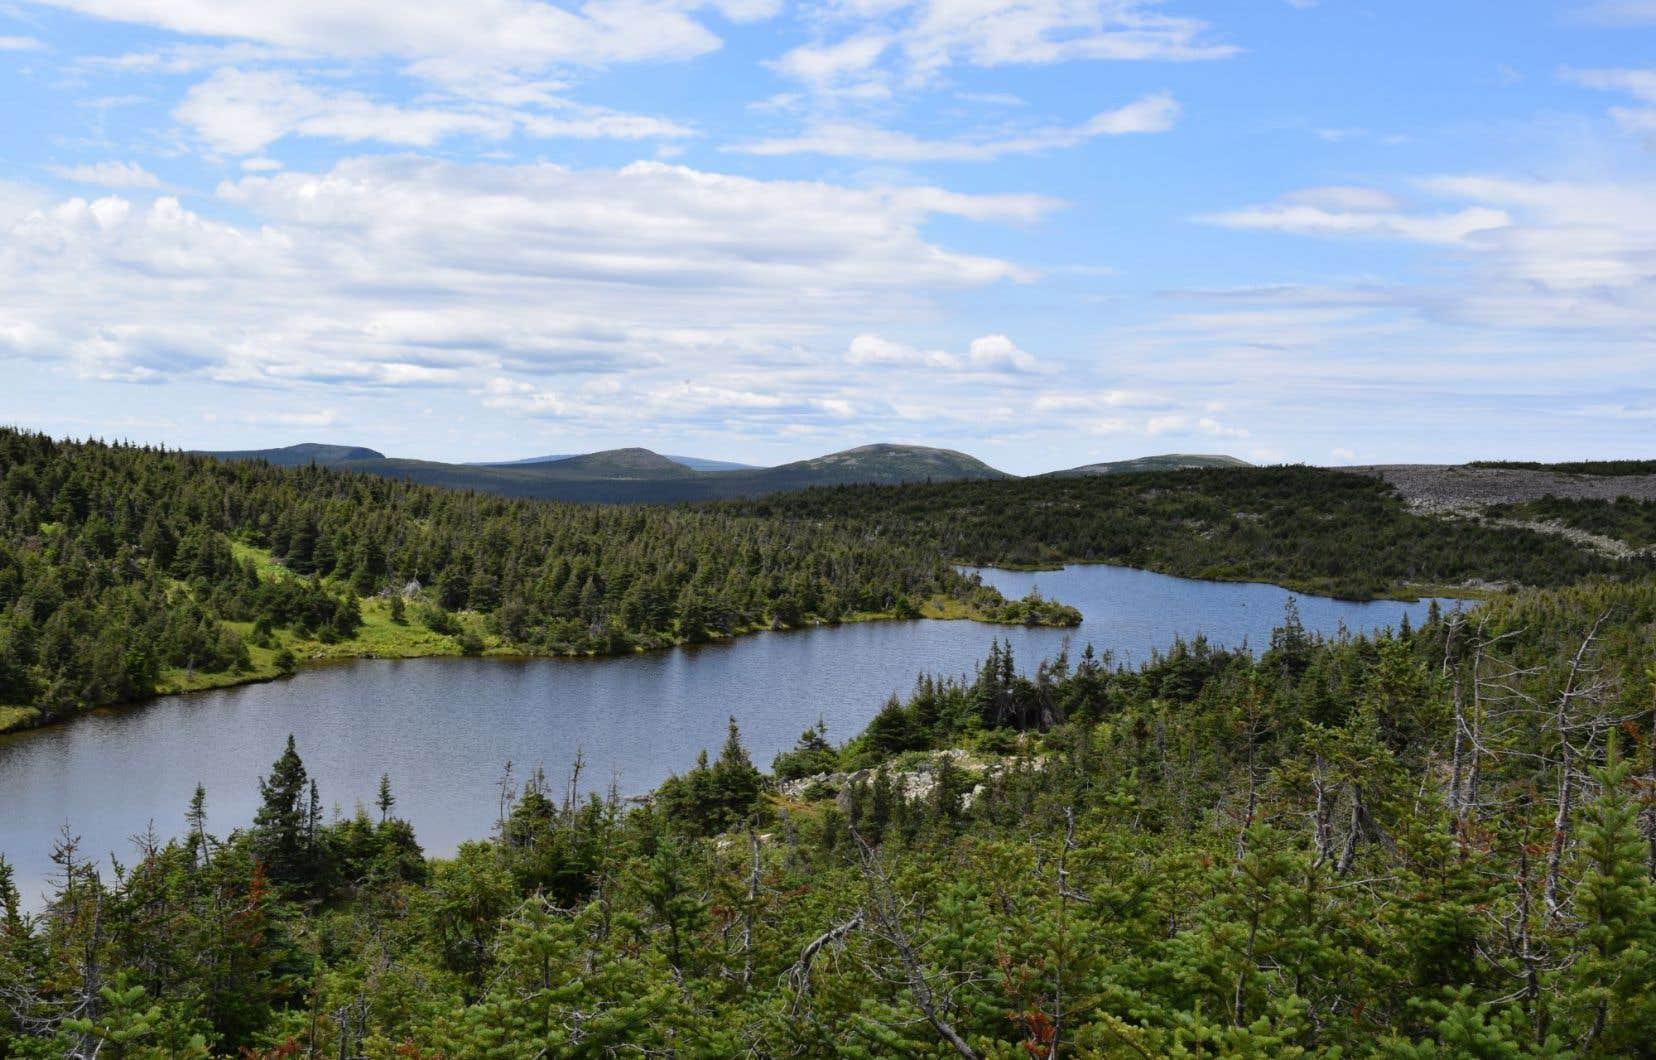 La réserve des Chic-Chocs, située aux abords du parc national de la Gaspésie, est visée par des permis. Sur son site Web, la SEPAQ vante un « lieu de prédilection remarquable pour la faune ».